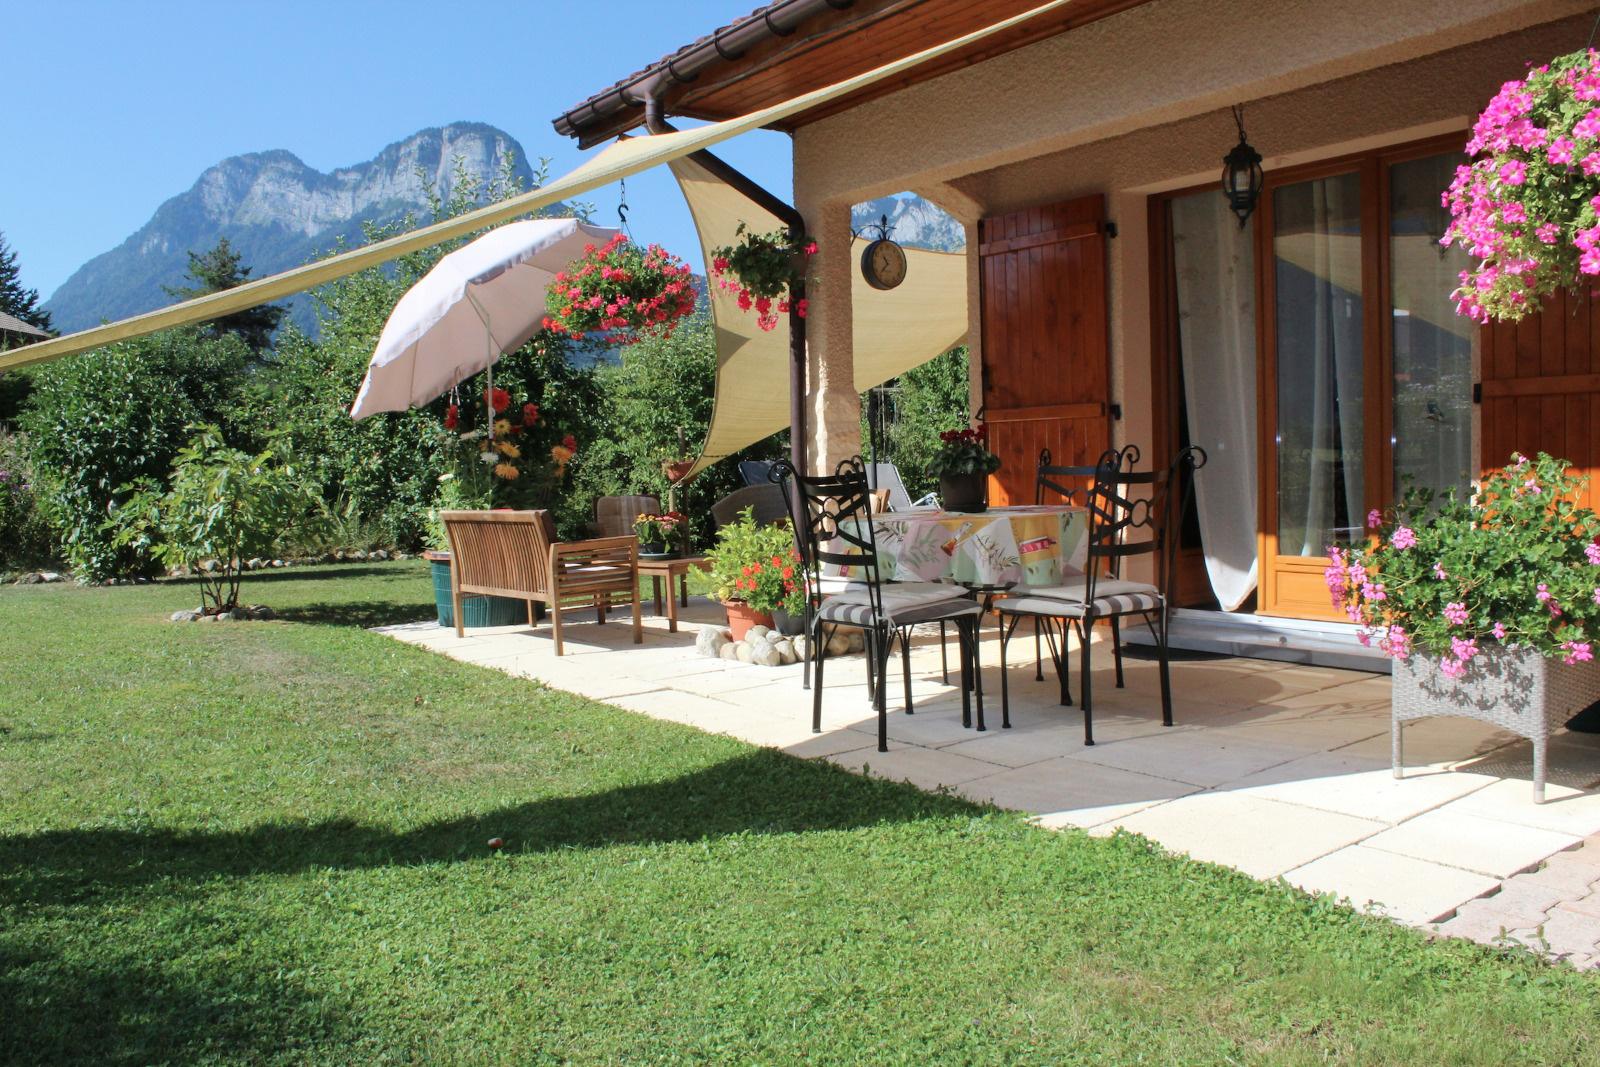 Vente a vendre exclusivit verthier doussard villa de for Terrain doussard